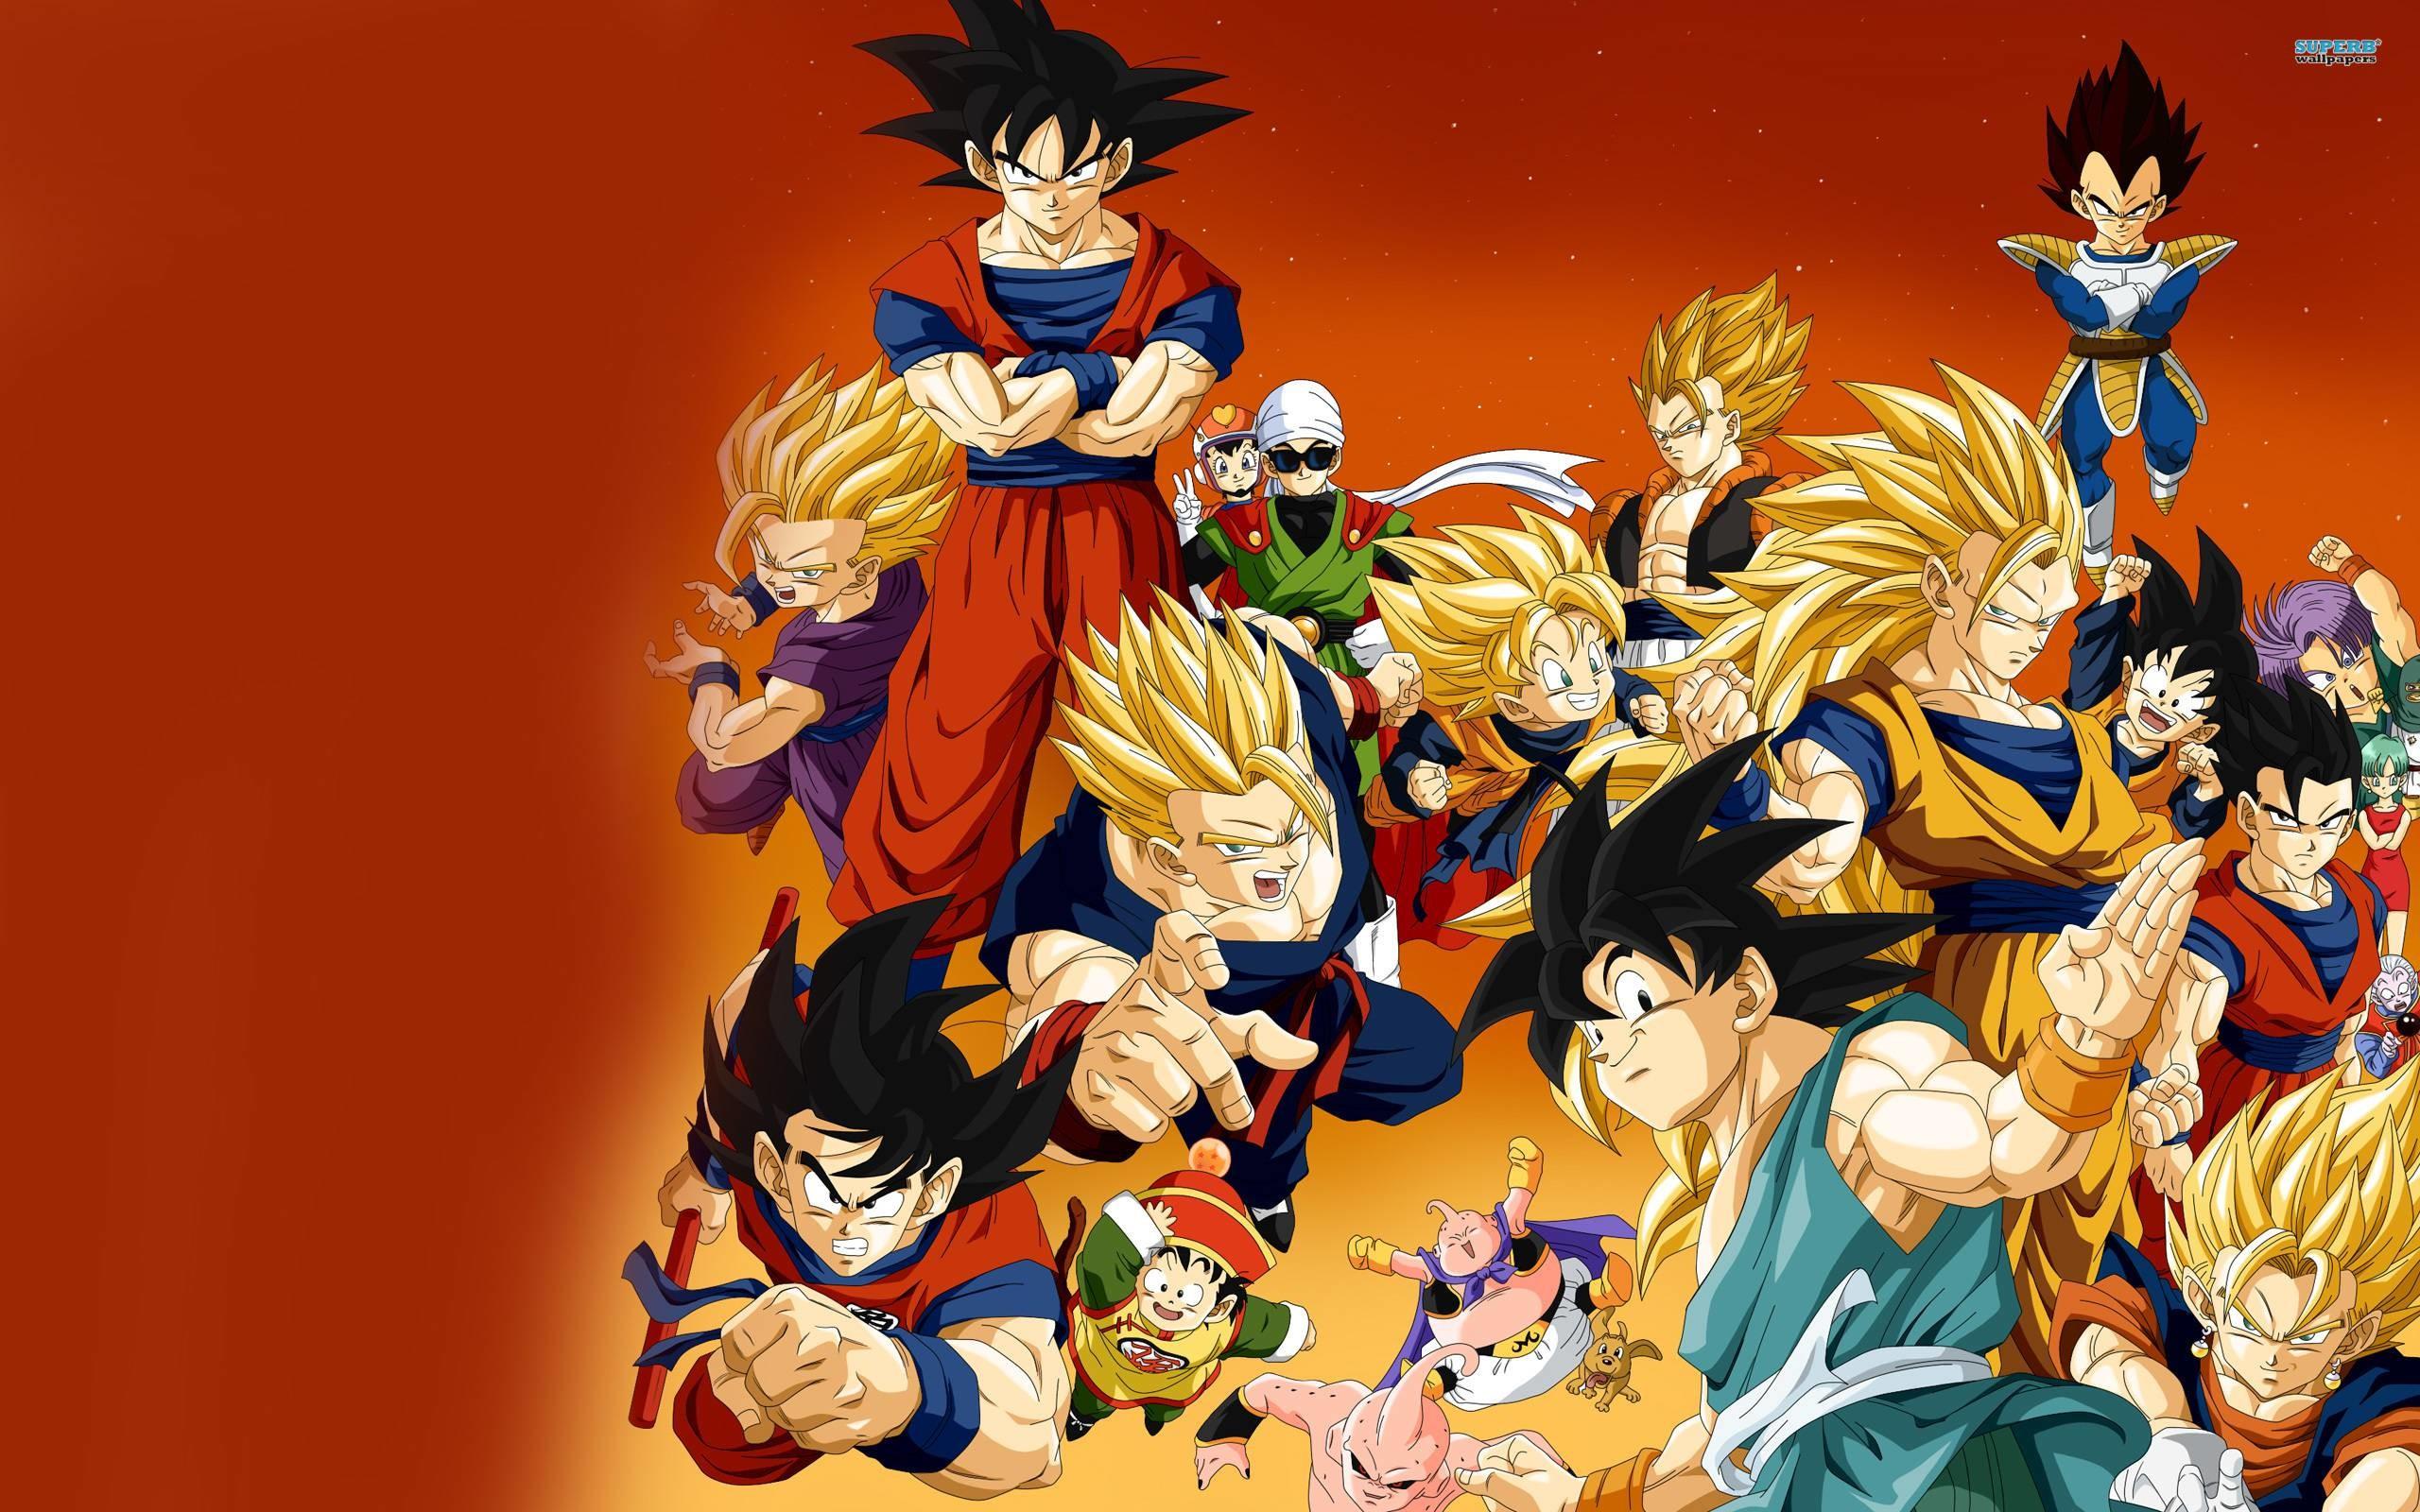 Best Dragon Ball Z New Hd Wallpaper #8097 Wallpaper | Risewall.